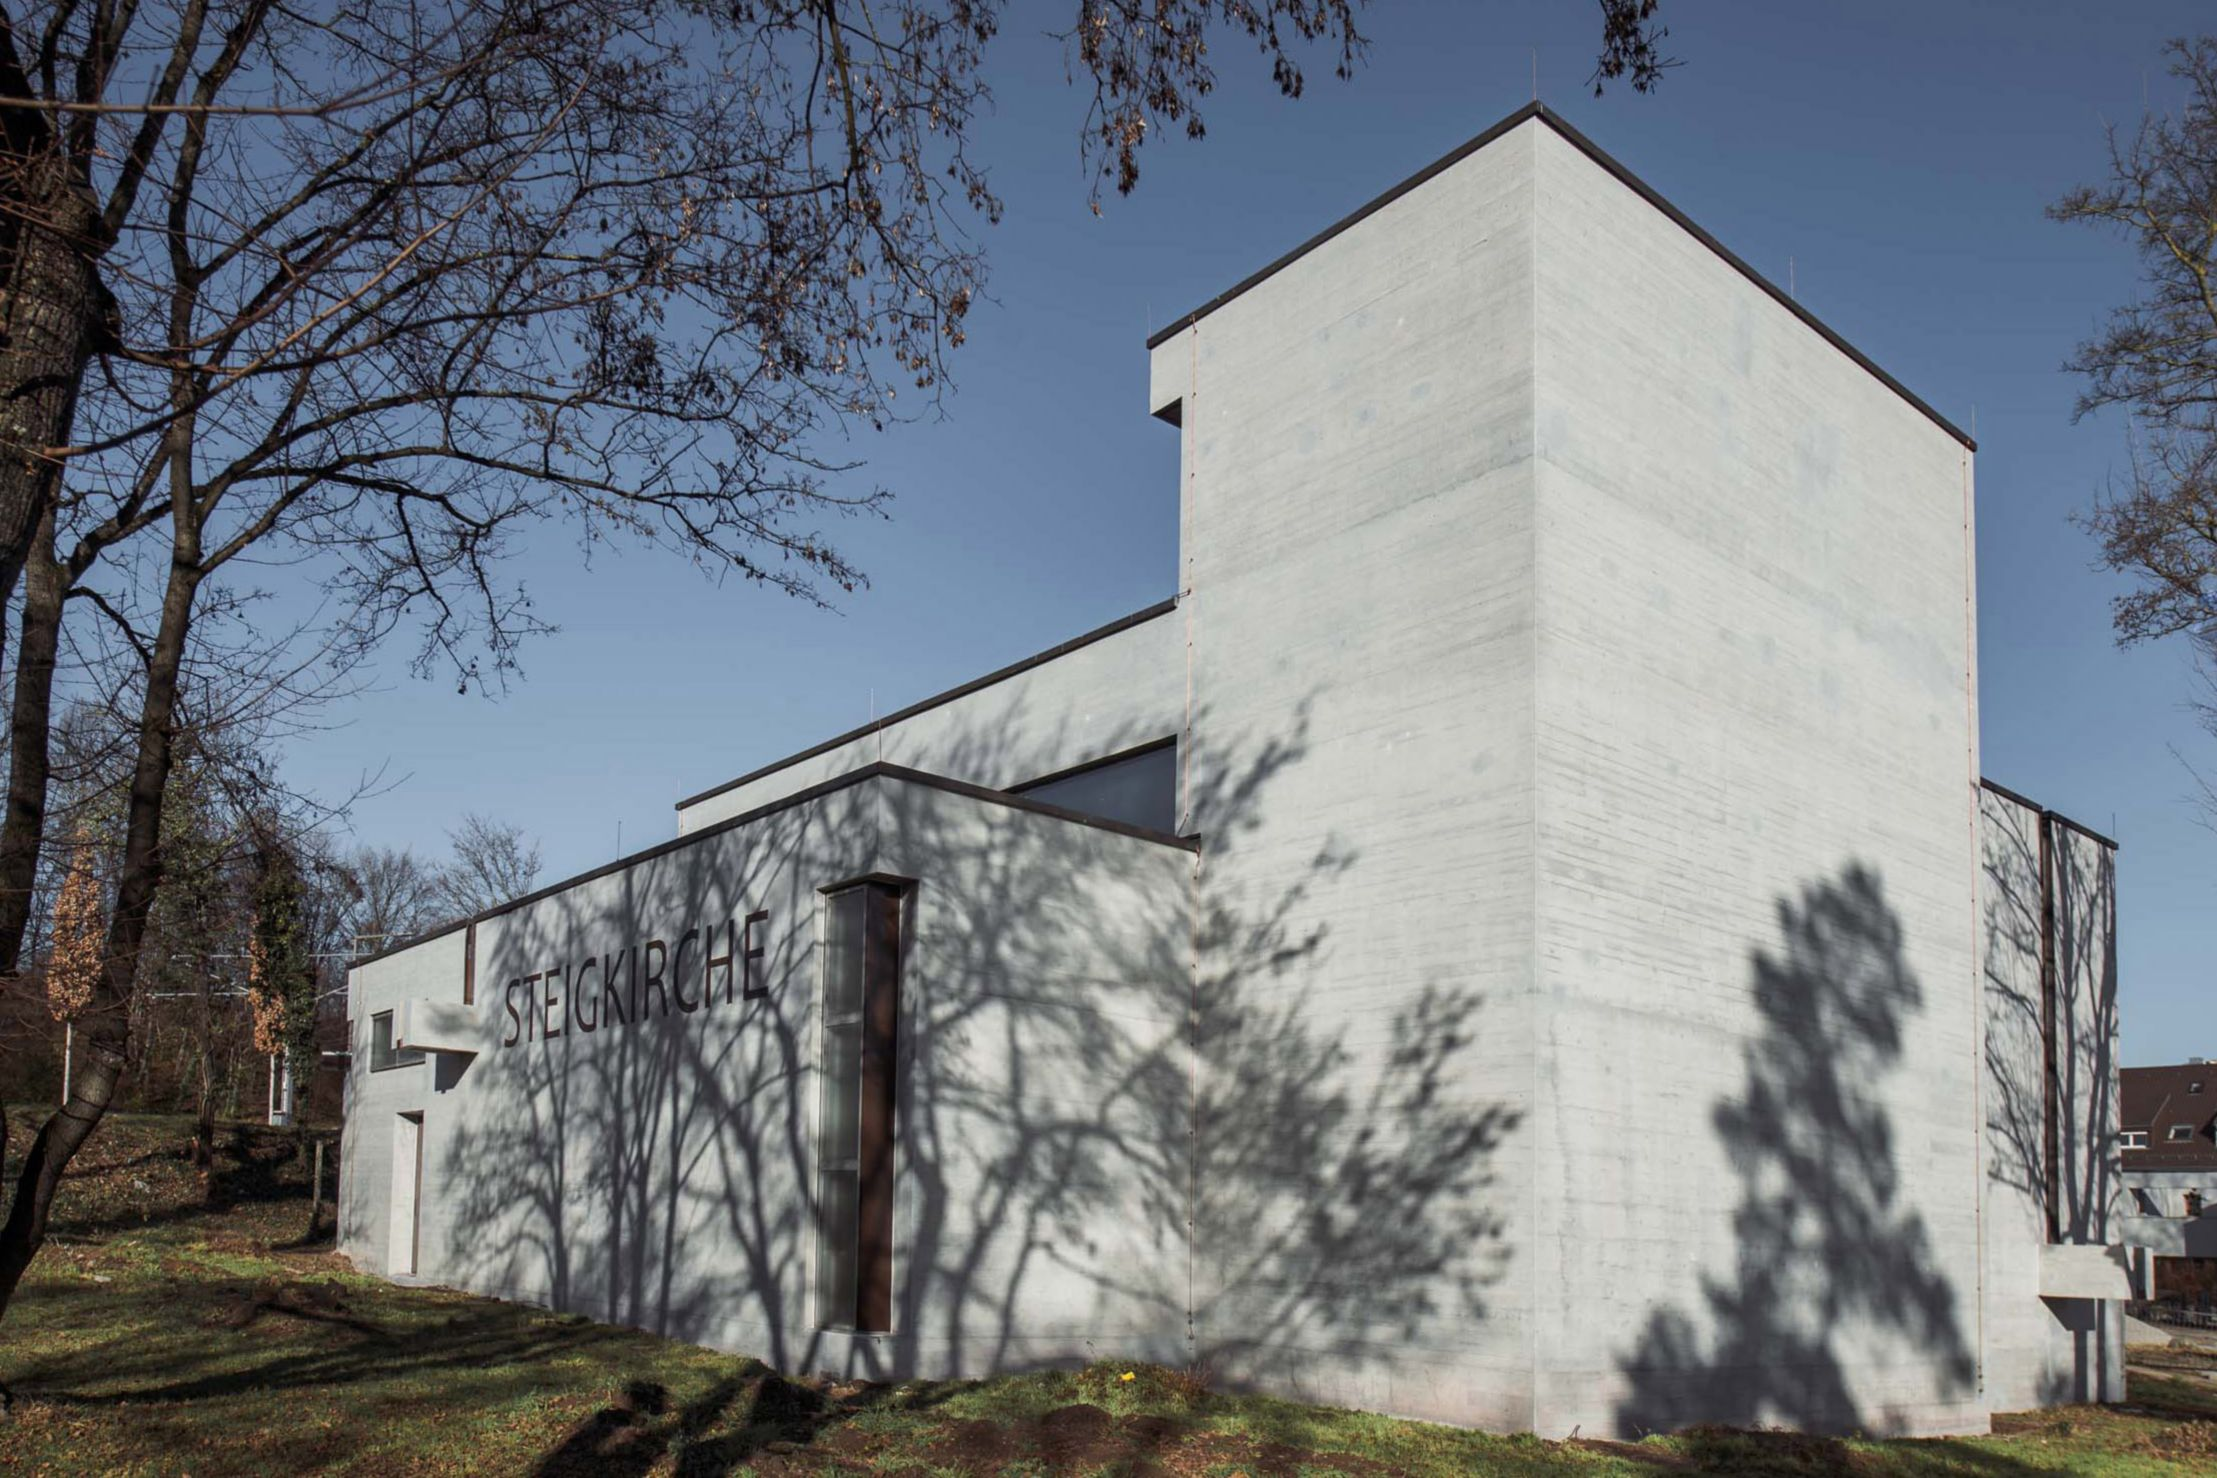 Refurbishment: Steigkirche Stuttgart